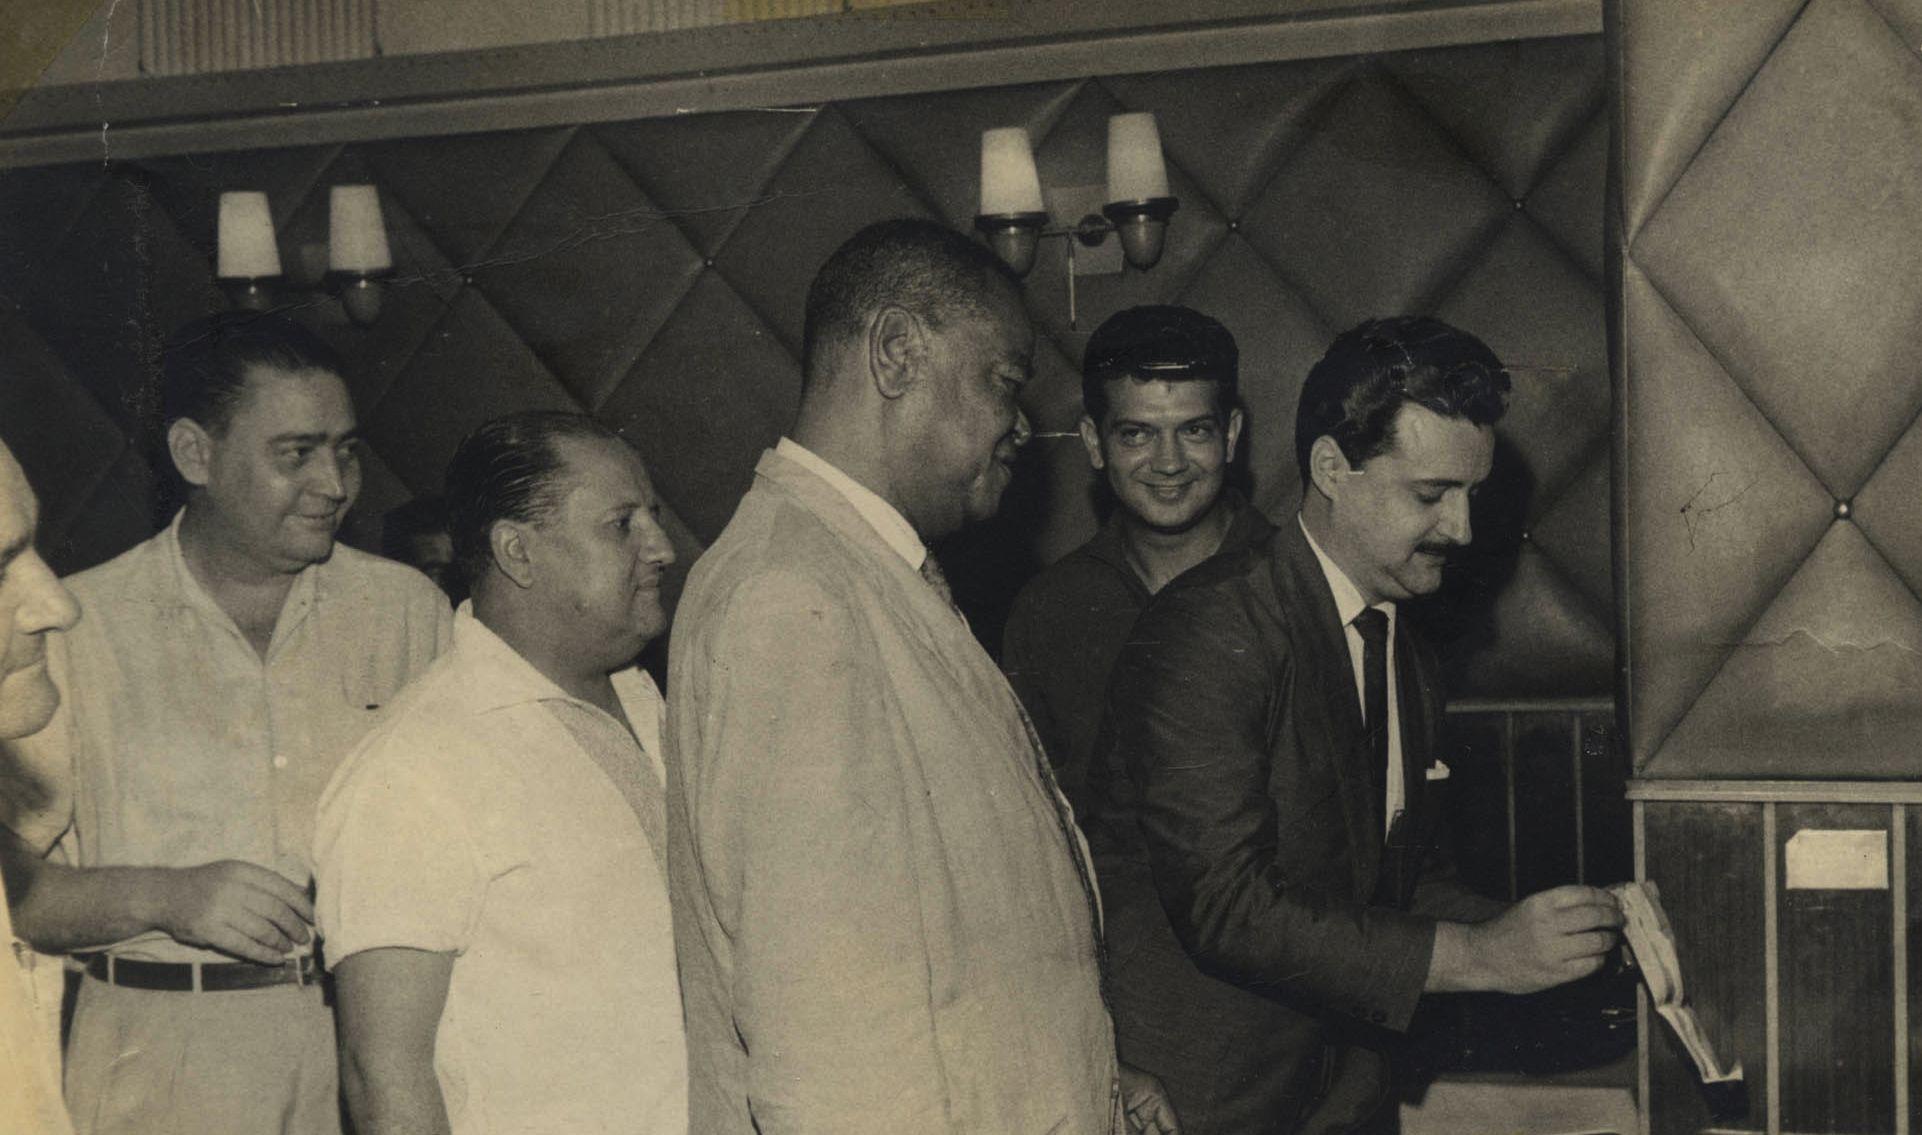 Pixinguinha, ao centro, na inauguração de sua cadeira cativa no Bar Gouveia, após dez anos como frequentador assíduo. Rio de Janeiro, março de 1963 (IMS_PIX_A06F03P02 / Acervo Pixinguinha / IMS)